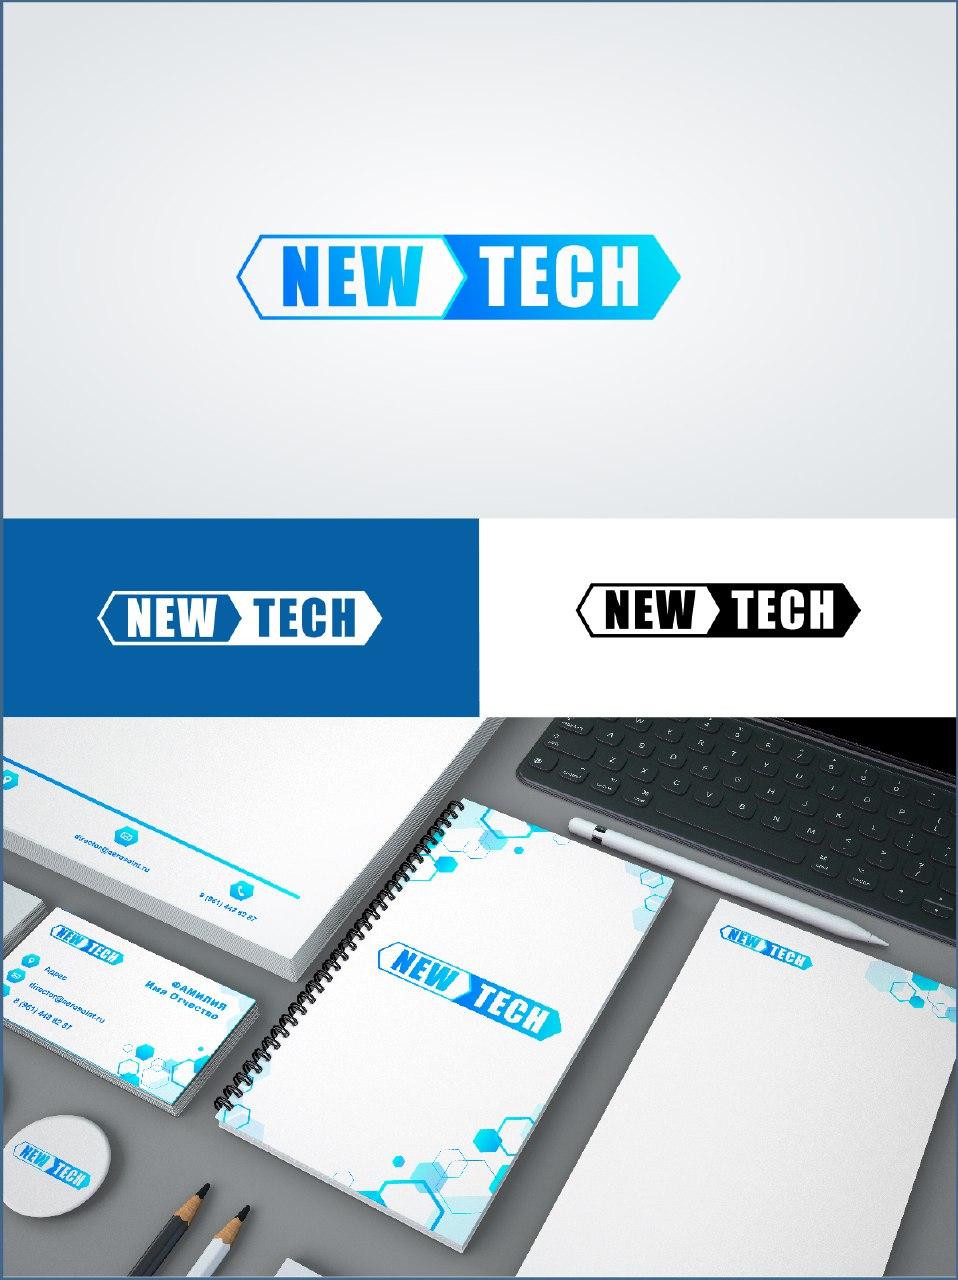 Разработка логотипа и фирменного стиля фото f_8355e86fdfcb86f9.jpg